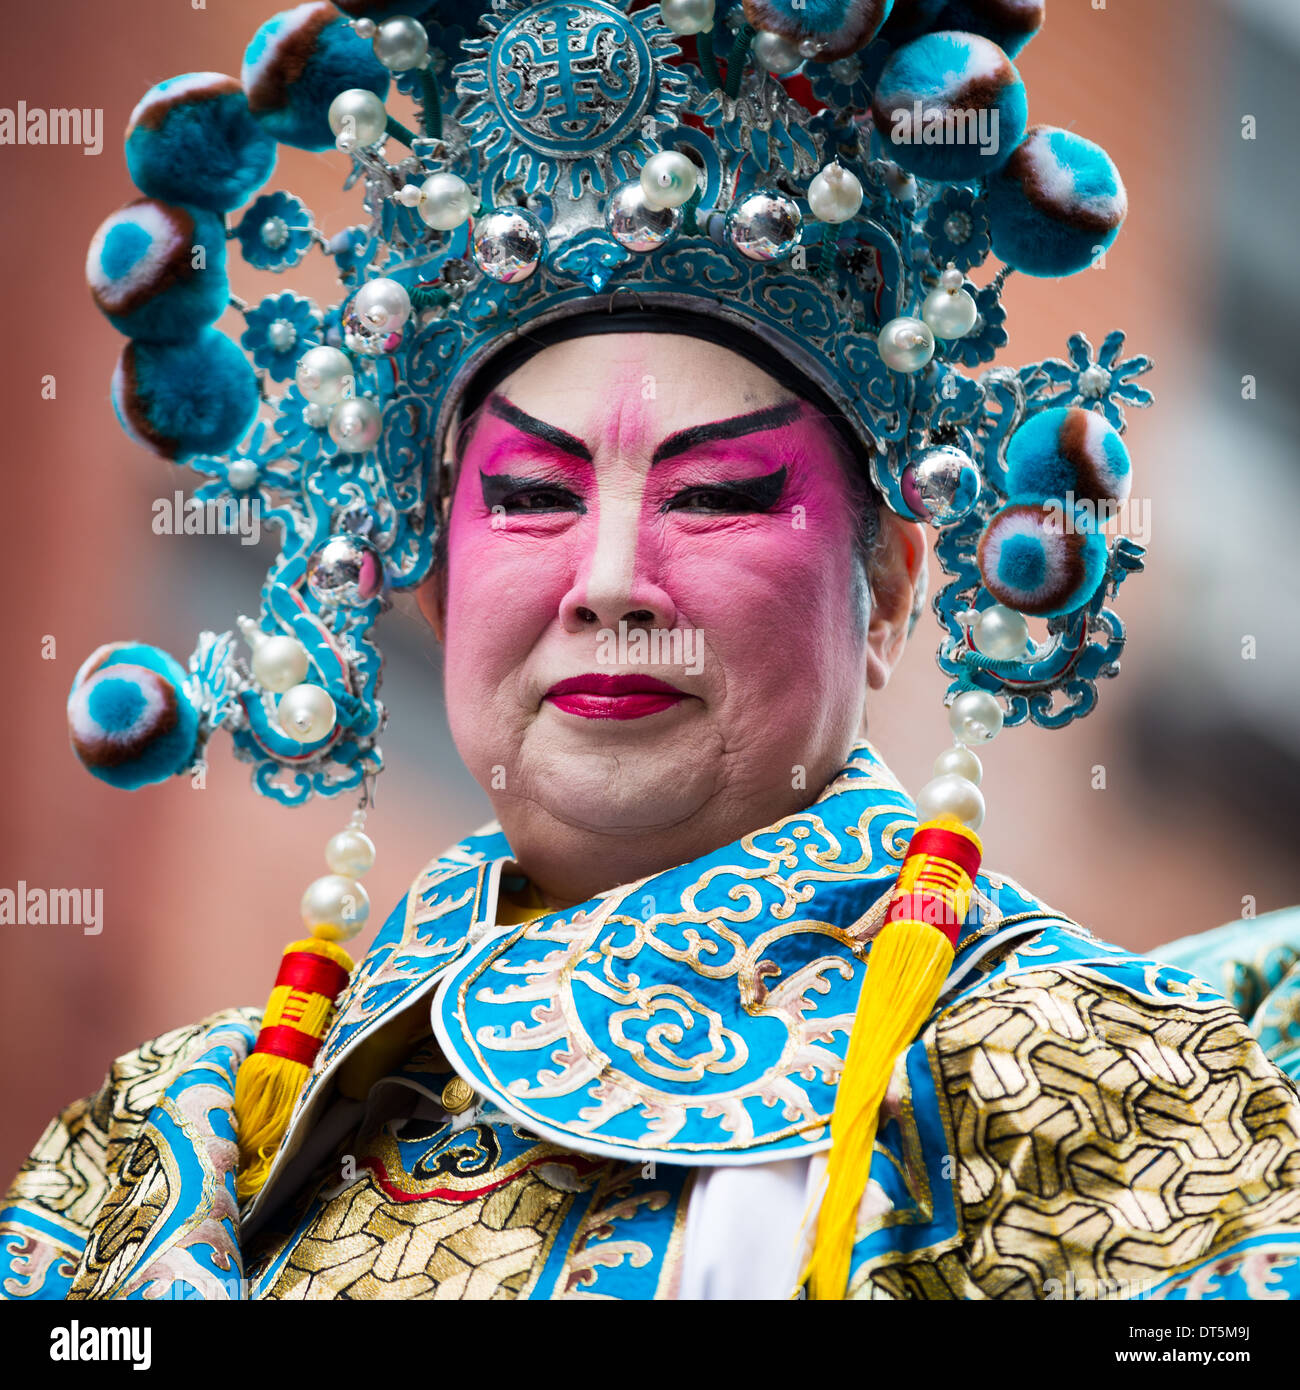 Fier chinois porter du maquillage des défilés à l'occasion du Nouvel An lunaire Festival à Chinatown. Banque D'Images